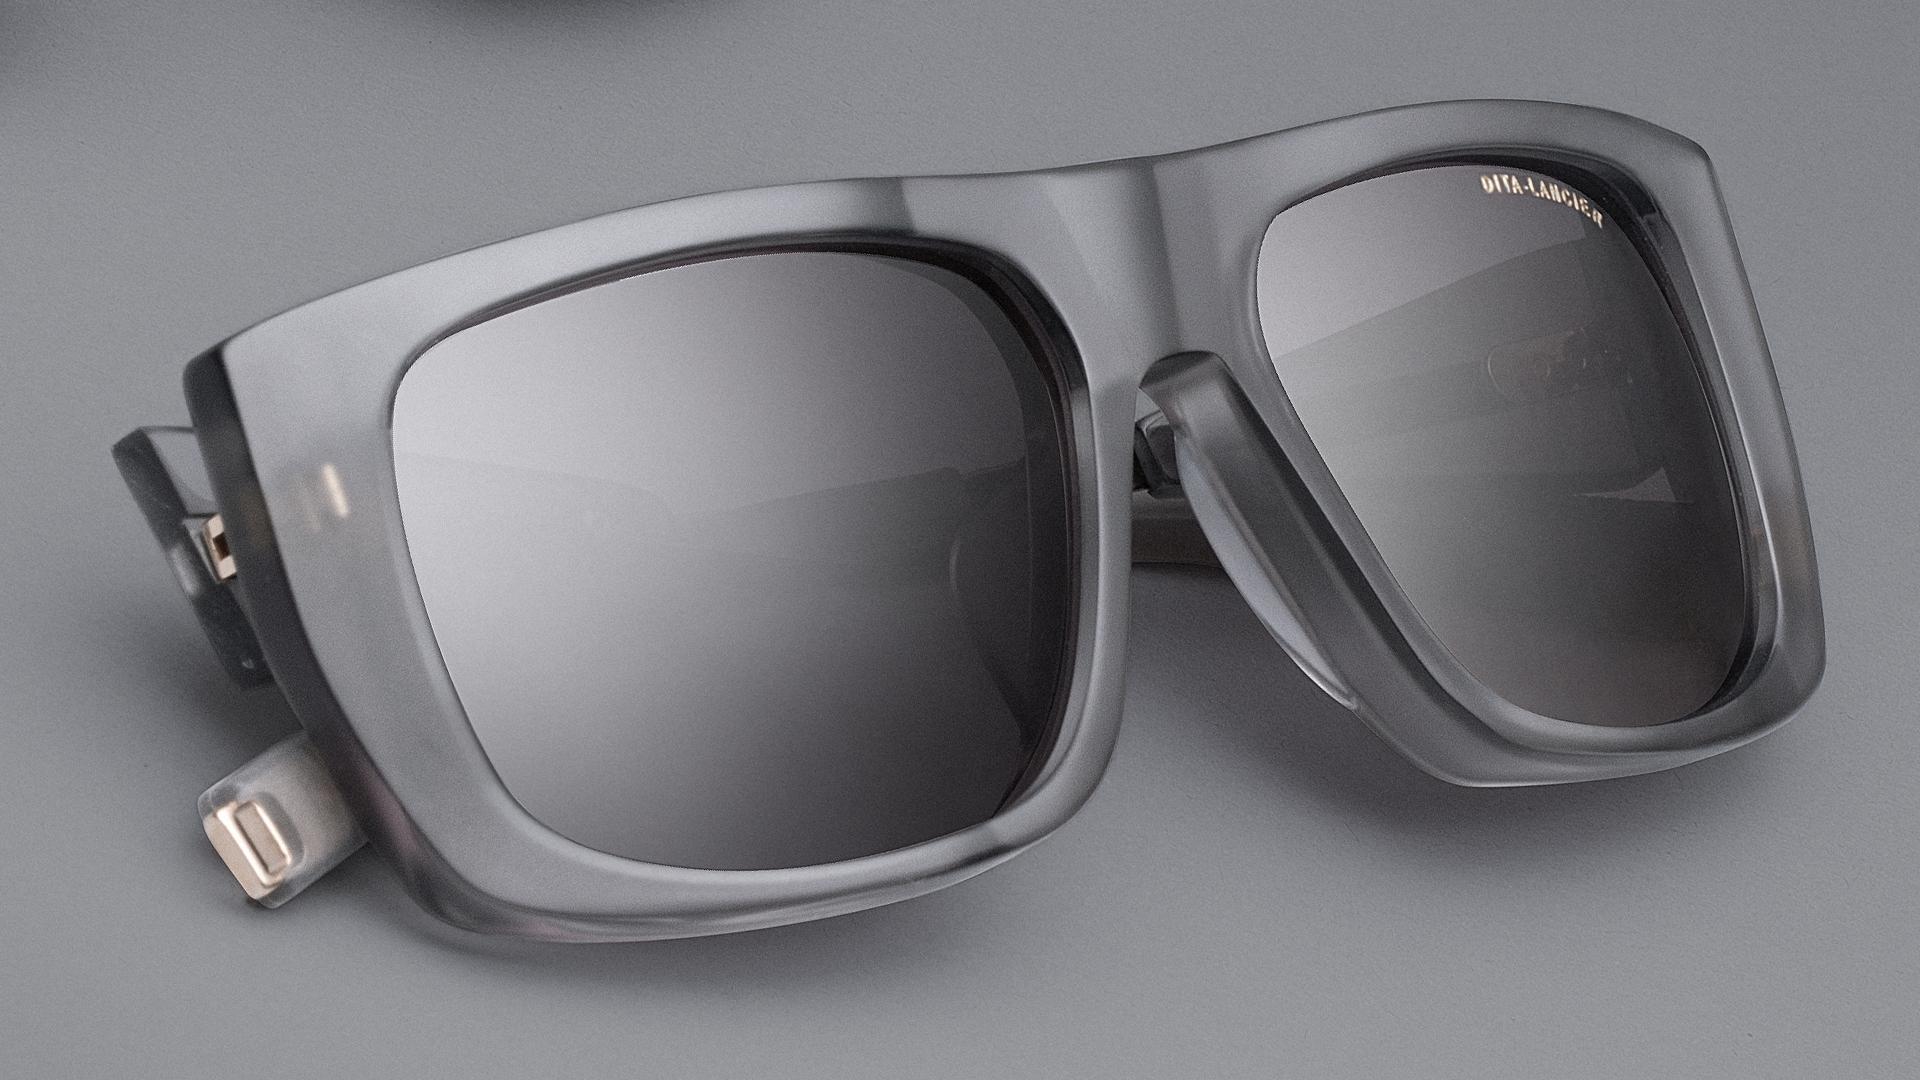 Lancier LSA-703 Alternative Fit Close Up Detail